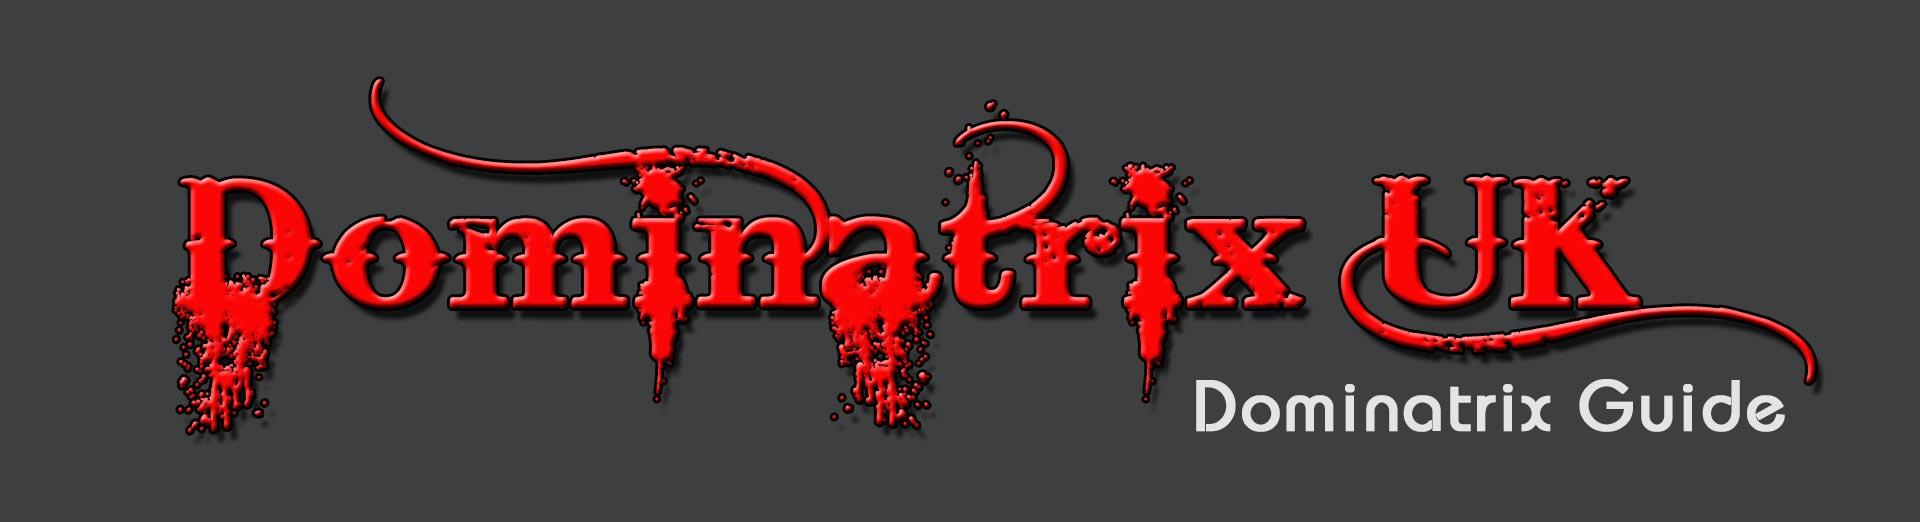 dominatrix-uk-logo